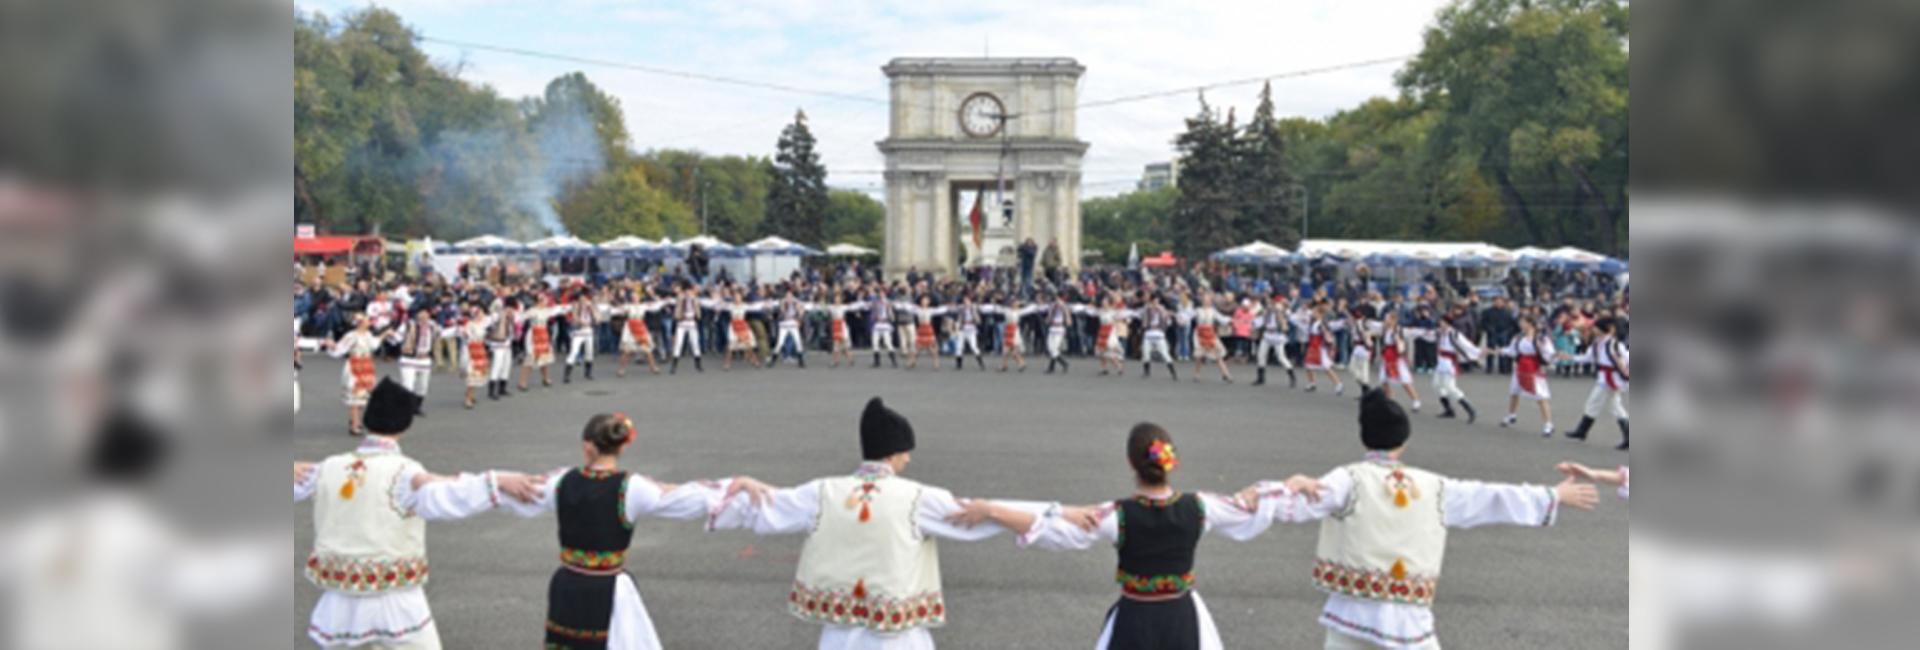 sărbătoare orașul Chișinău Basarabia Hramul Chișinăului slider